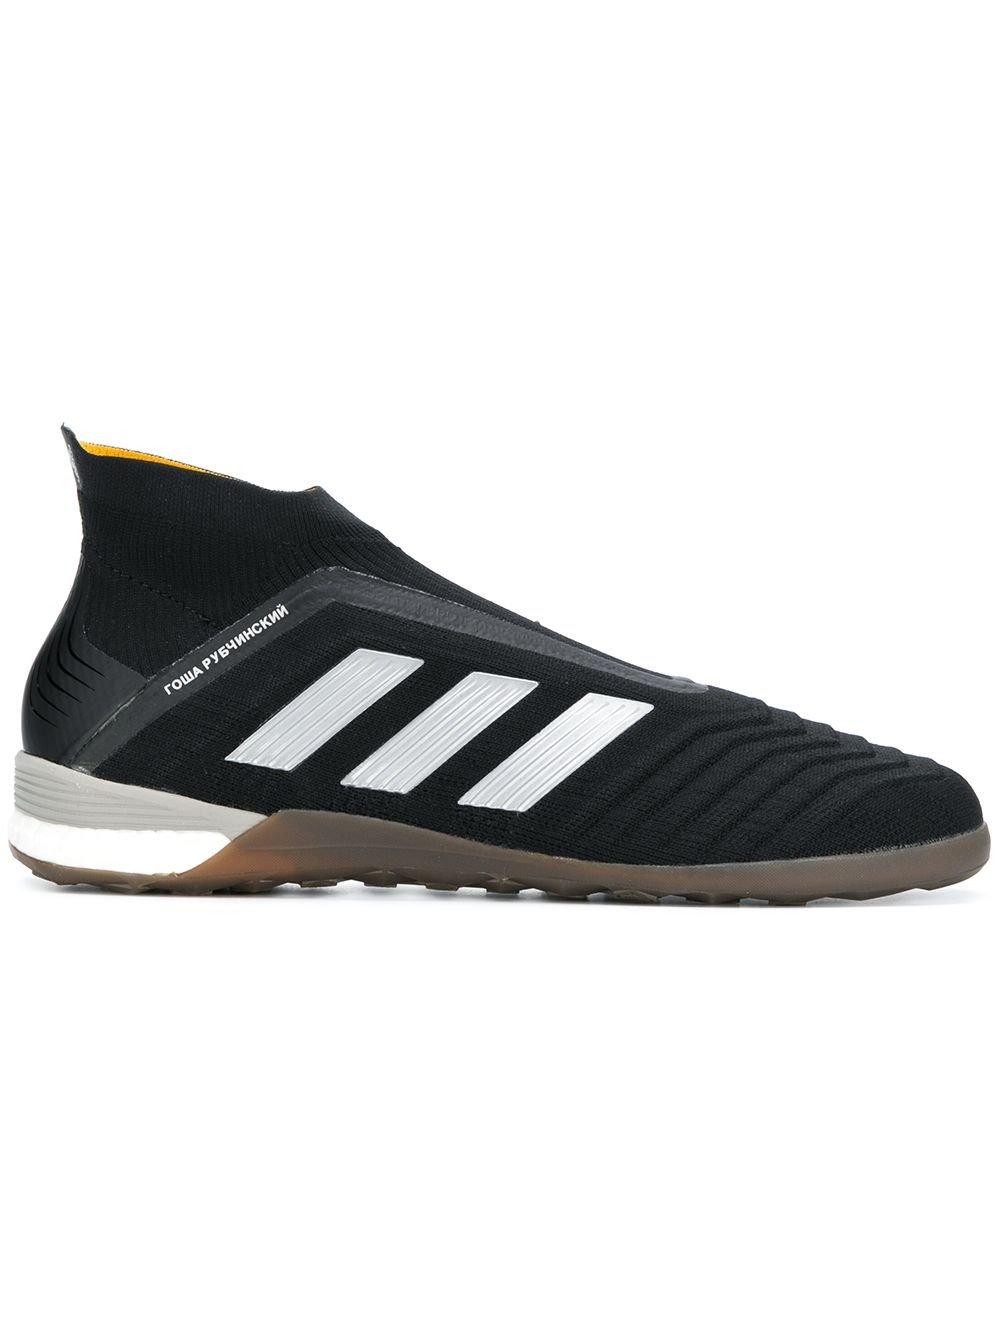 X Adidas Predator Sneakers Rubchinskiy Gosha aEqw55